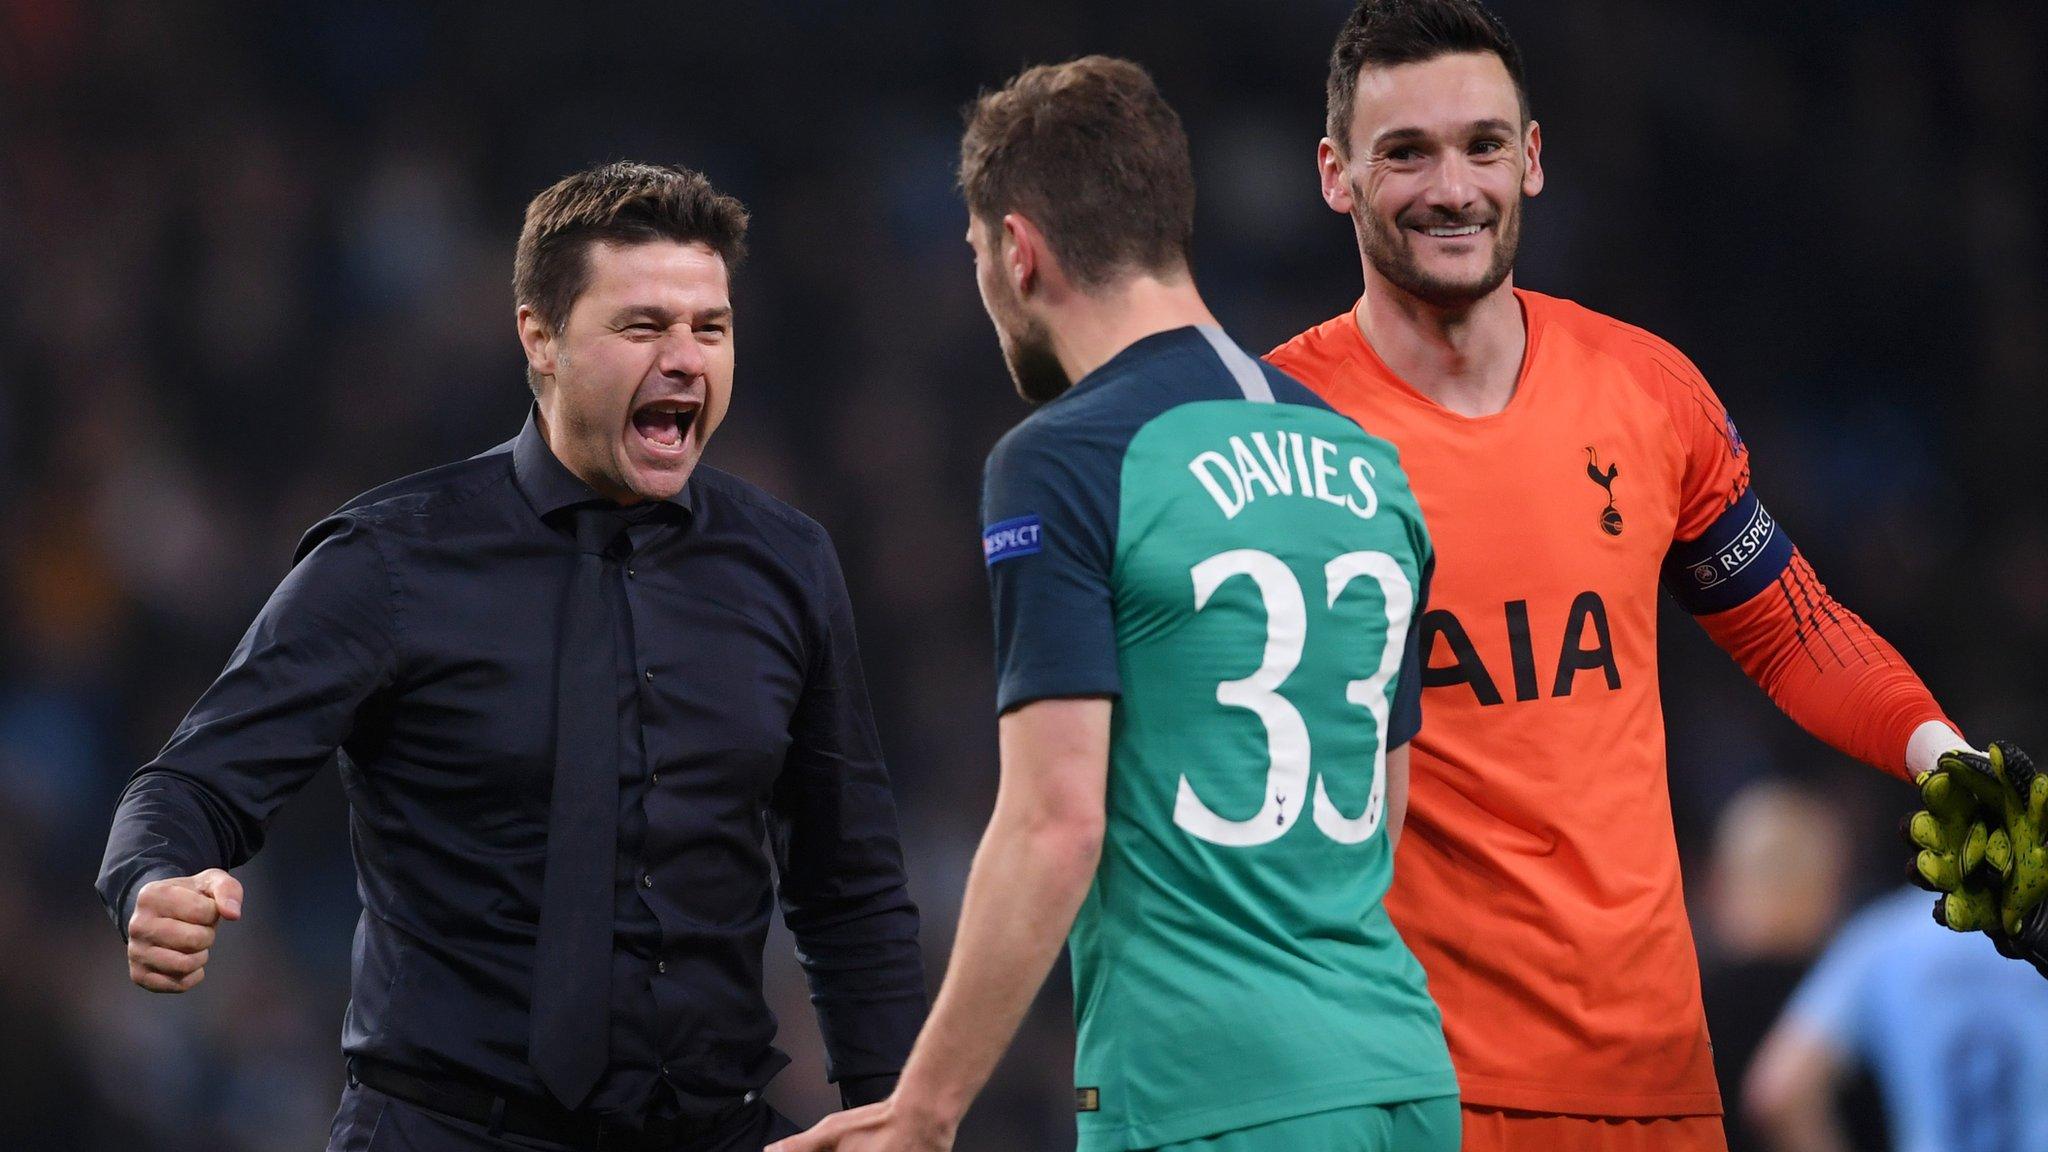 Ben Davies says Spurs success emulates Wales at Euro 2016